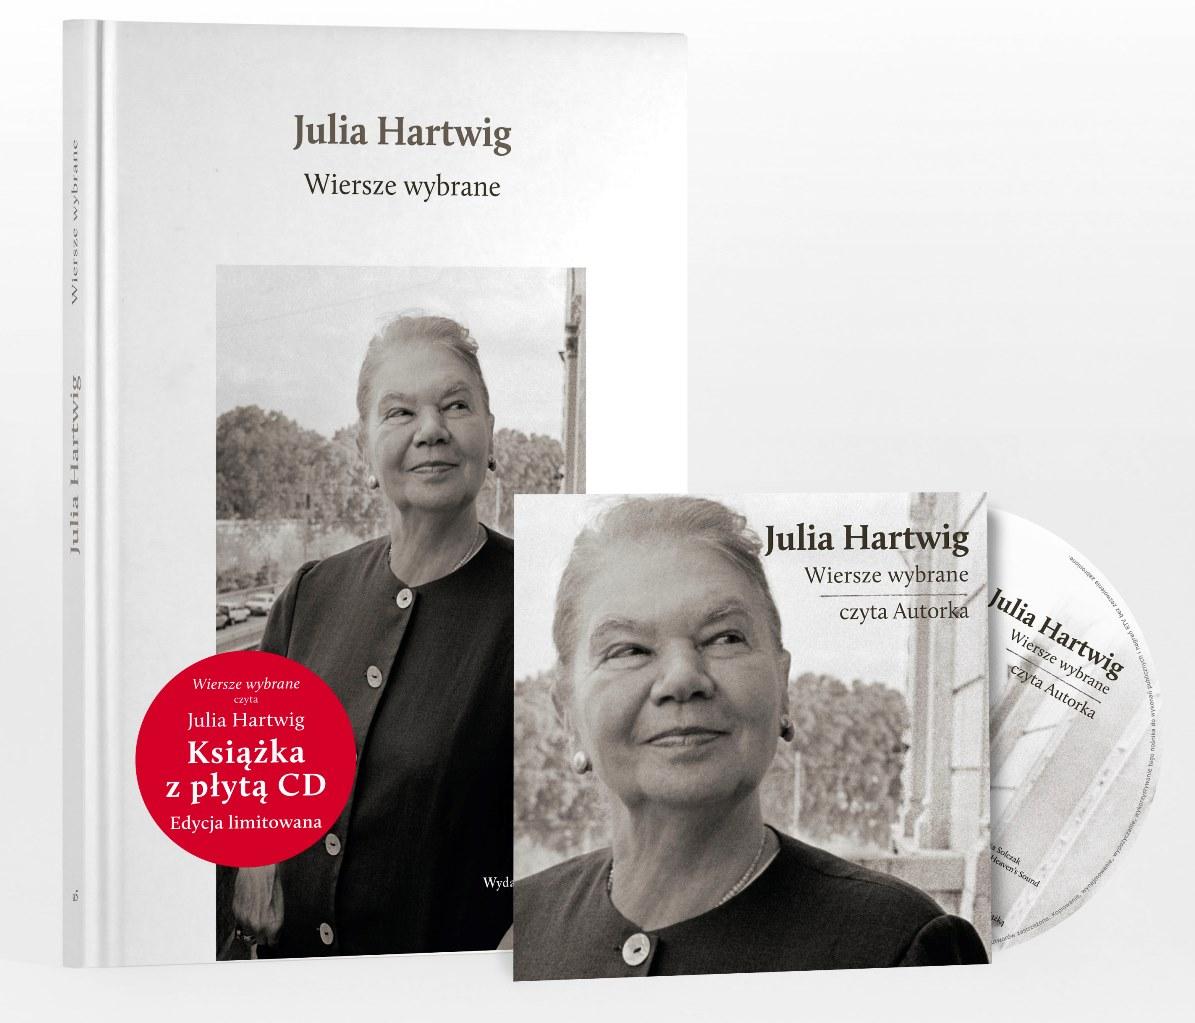 """Julia Hartwig """"Wiersze wybrane"""" z CD (źródło: materiały prasowe)"""